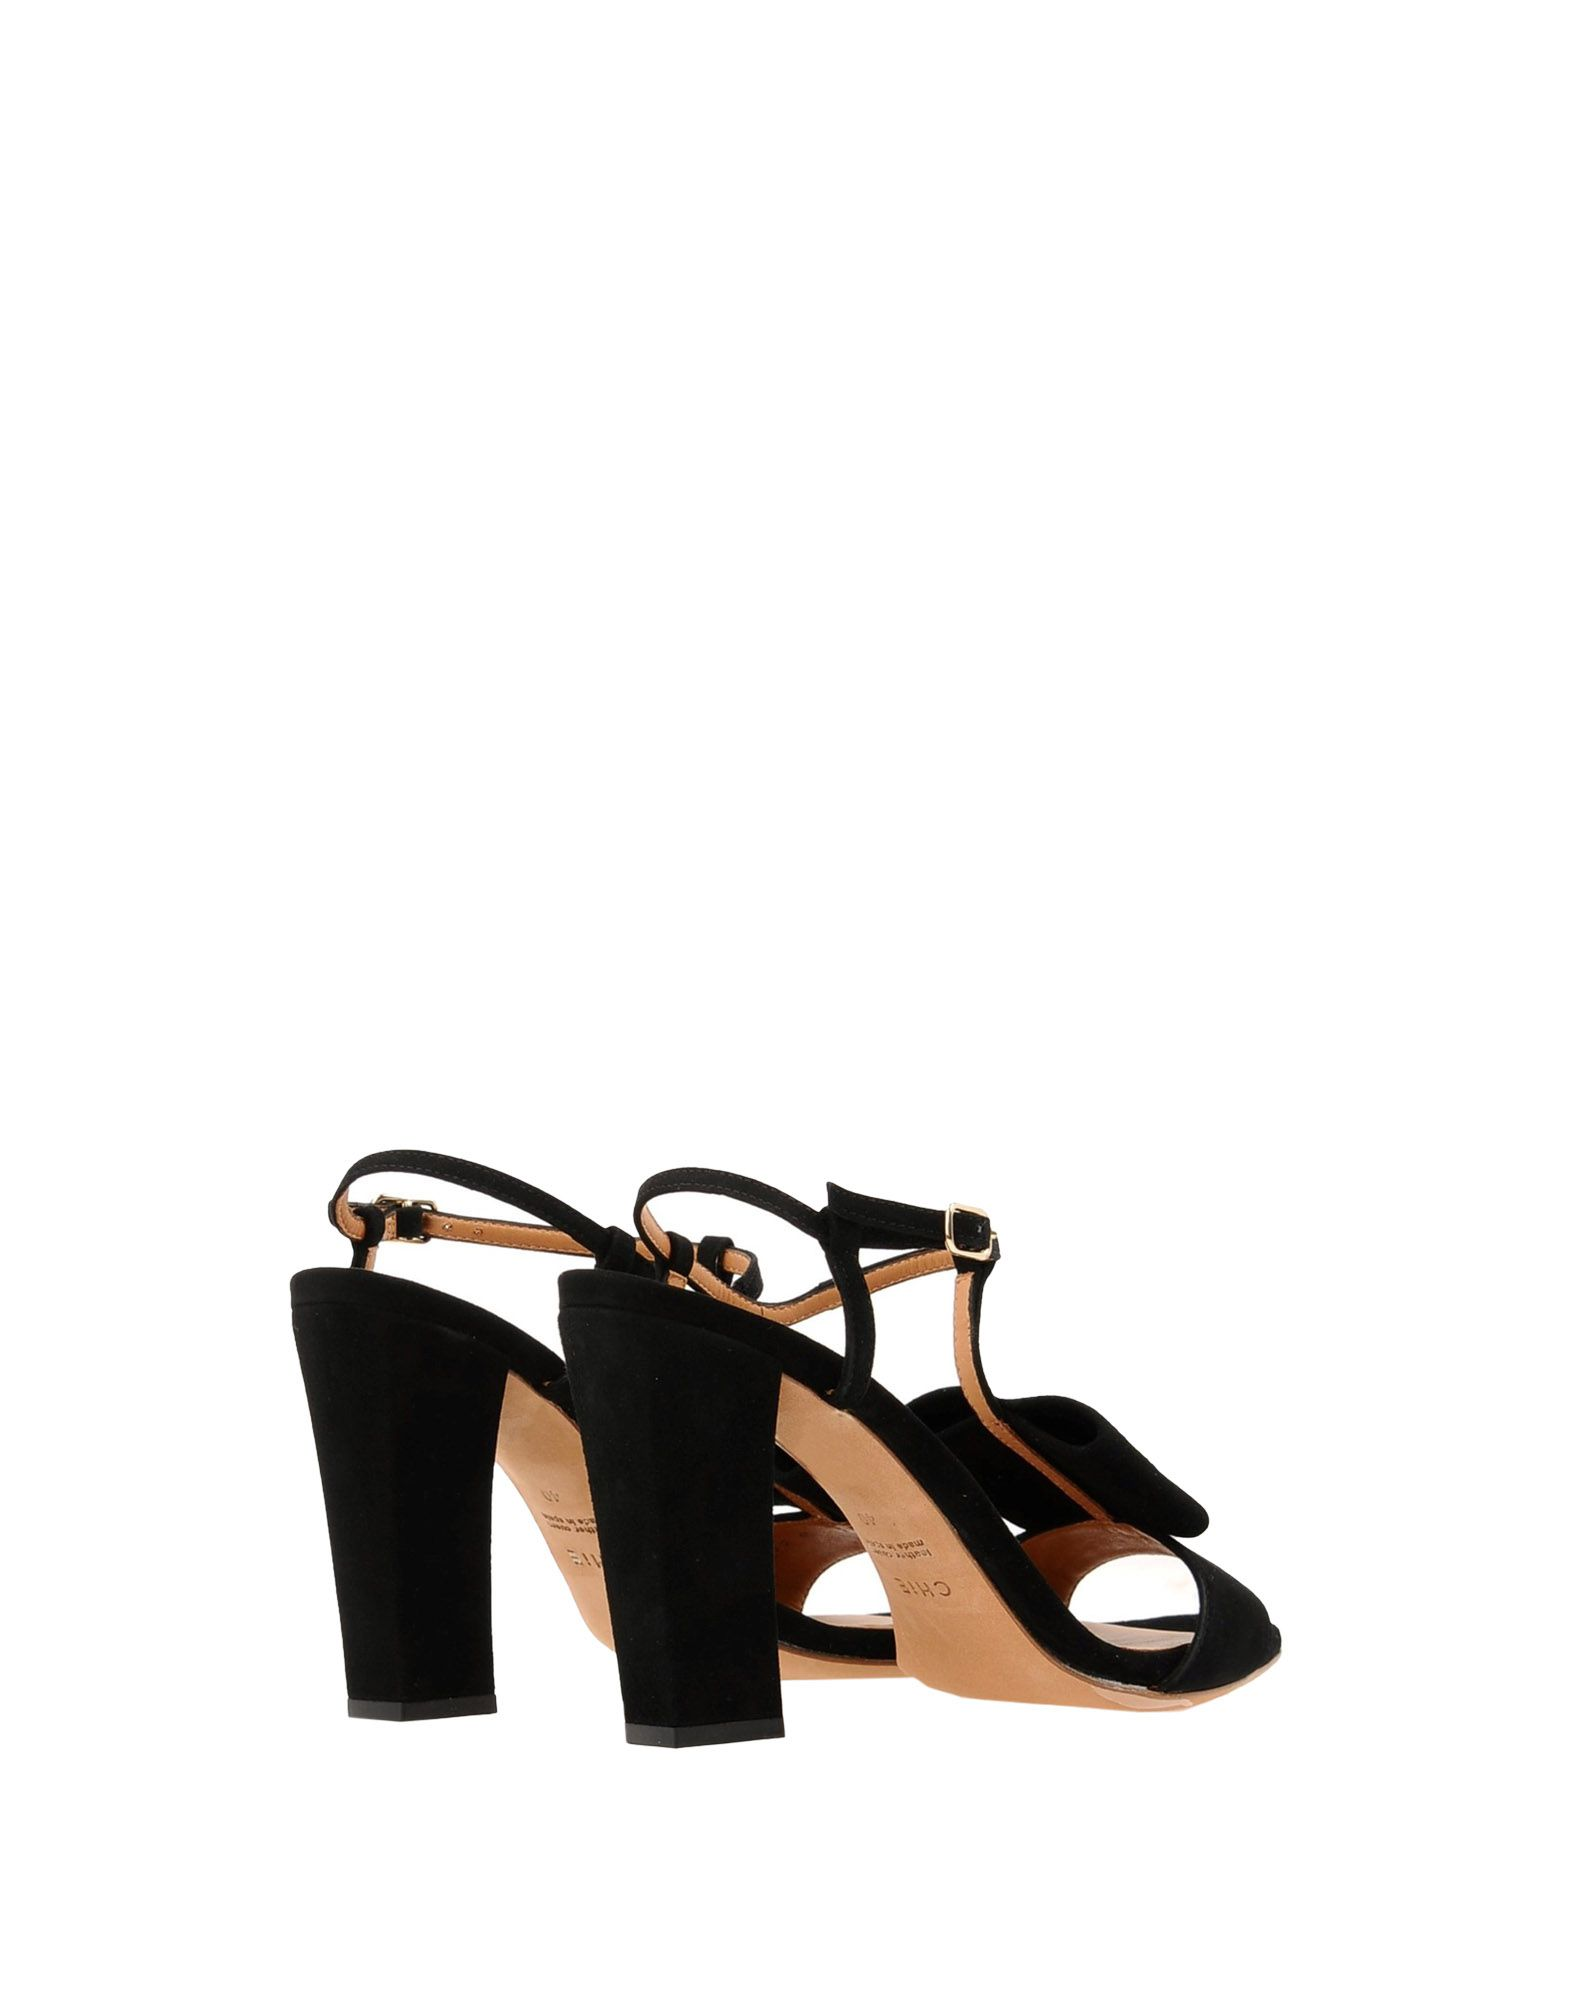 Sandales Chie By Chie Mihara Elle - Femme - Sandales Chie By Chie Mihara sur